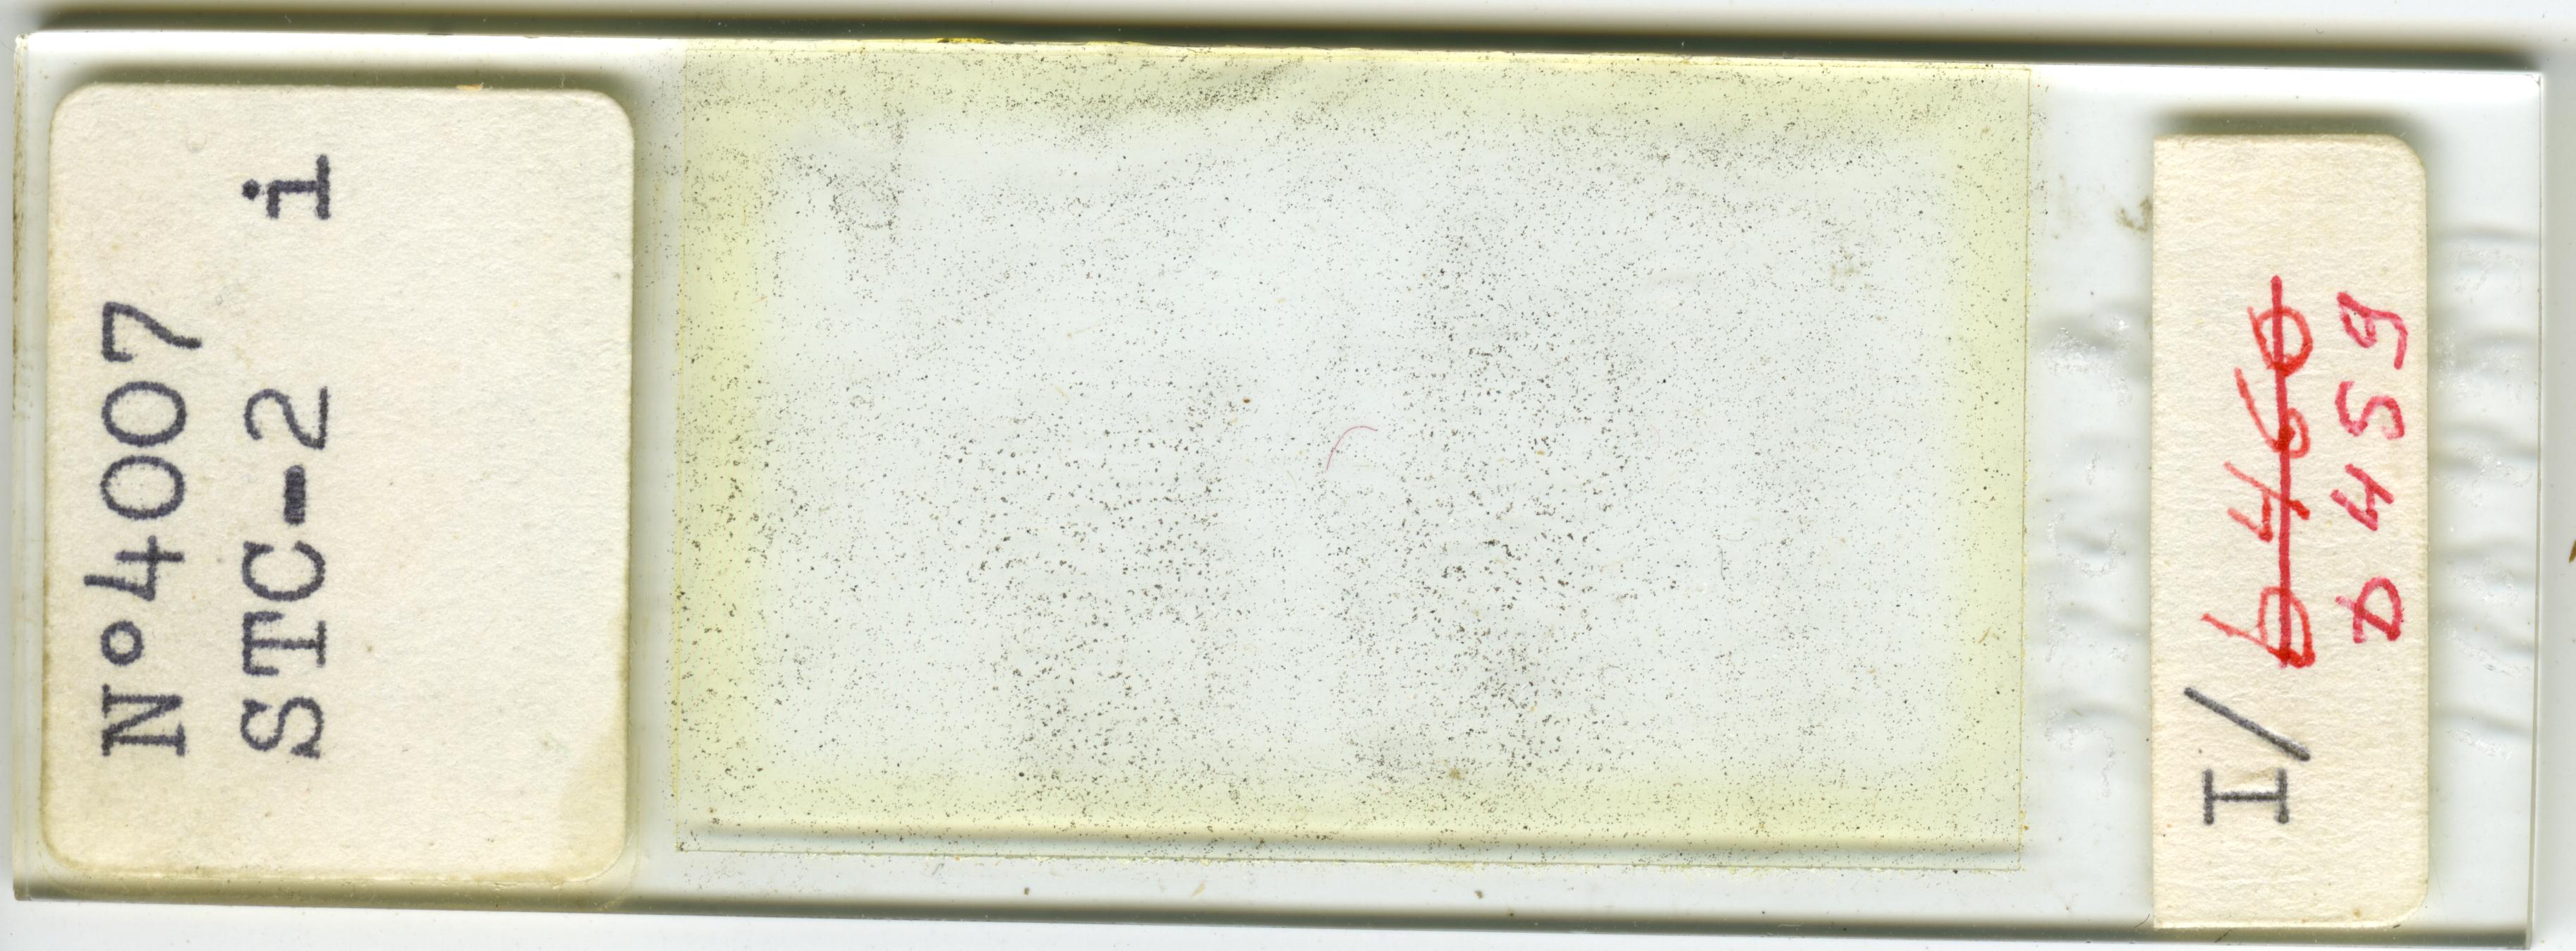 Lame n°4007 STC-2 i. I/b 459